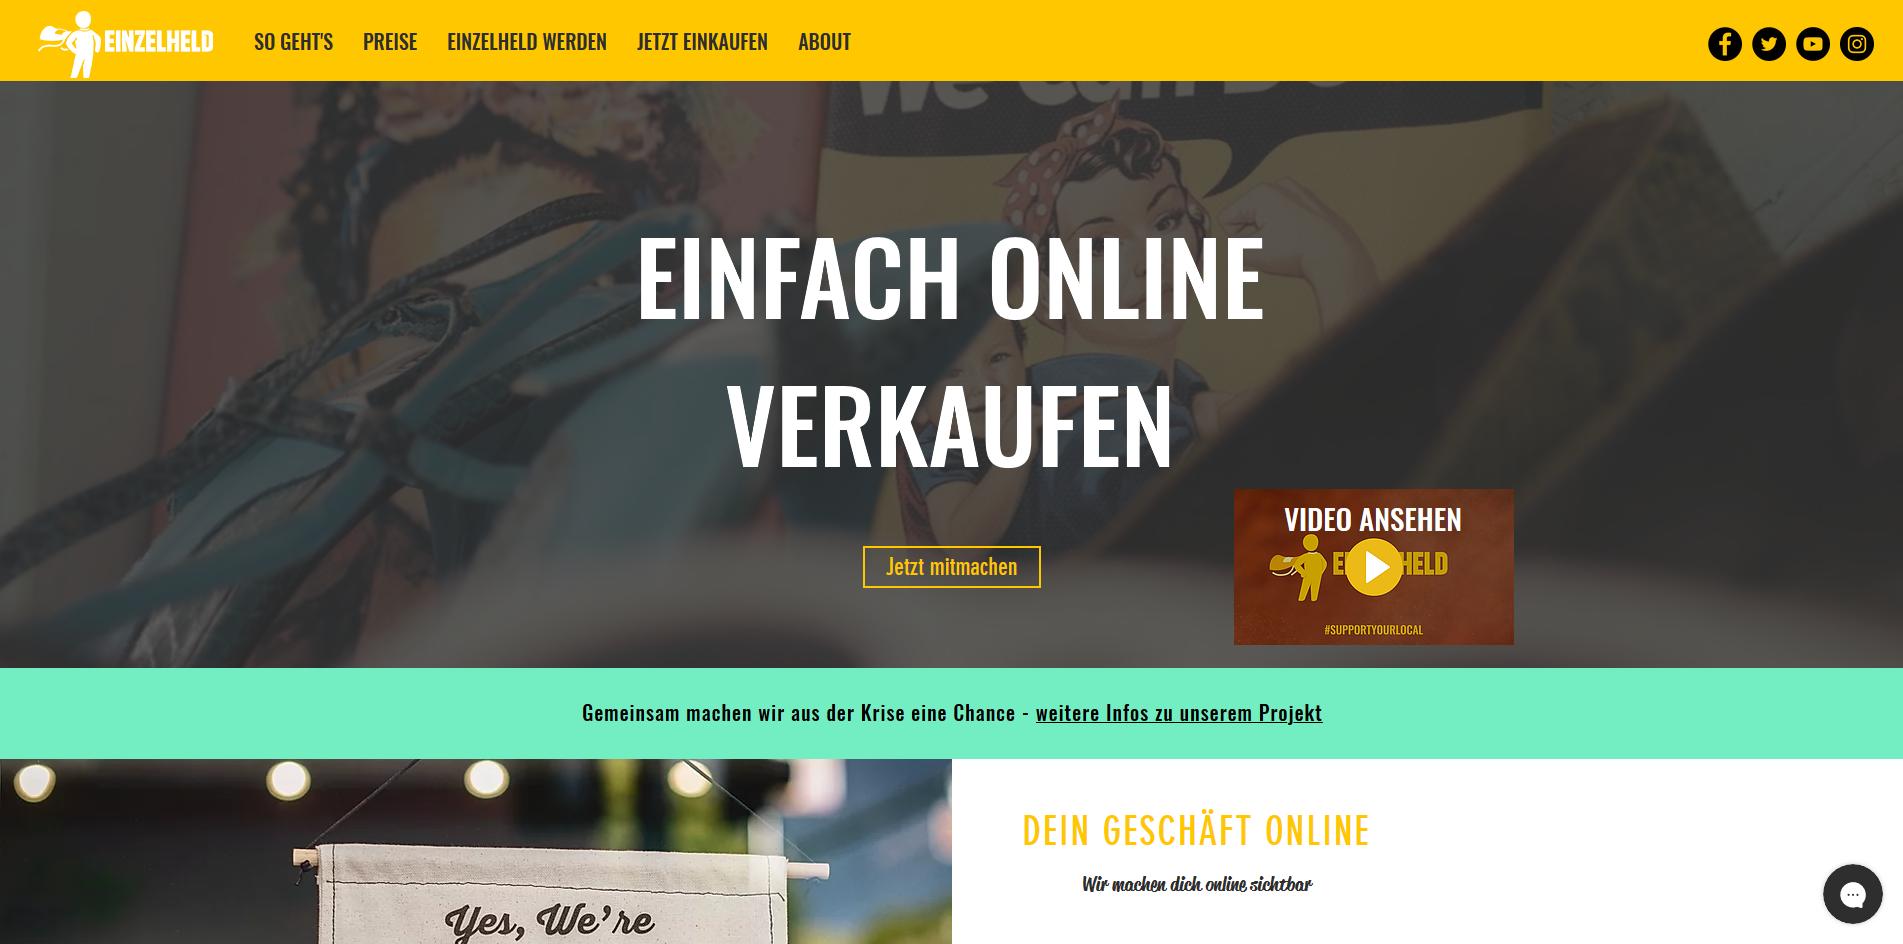 Screenshot Website Einzelheld.de